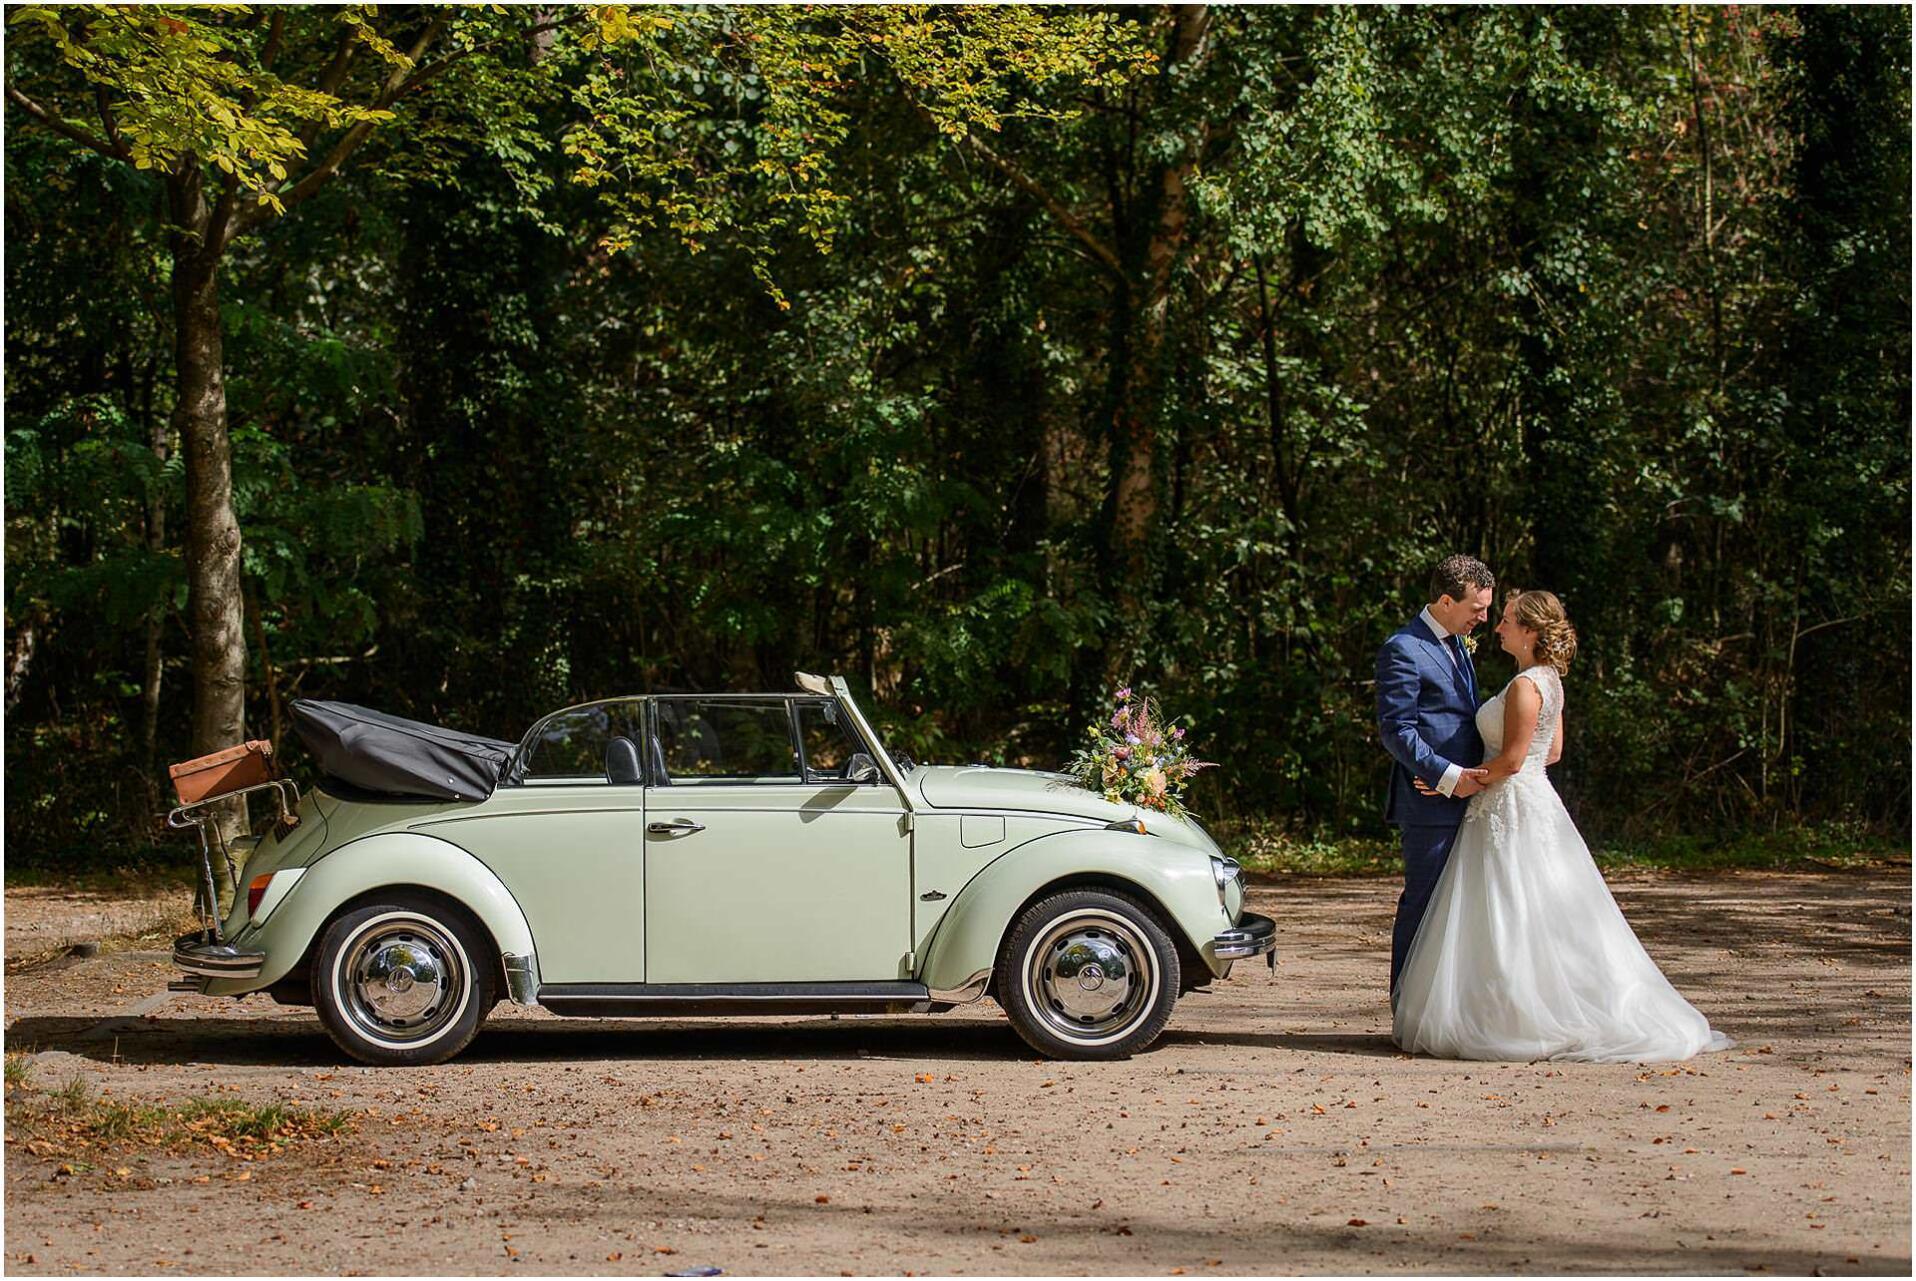 Bruidsfotograaf Brabant meneer van Eijck in Oisterwijk door bruidsfortograaf Sandy Peters